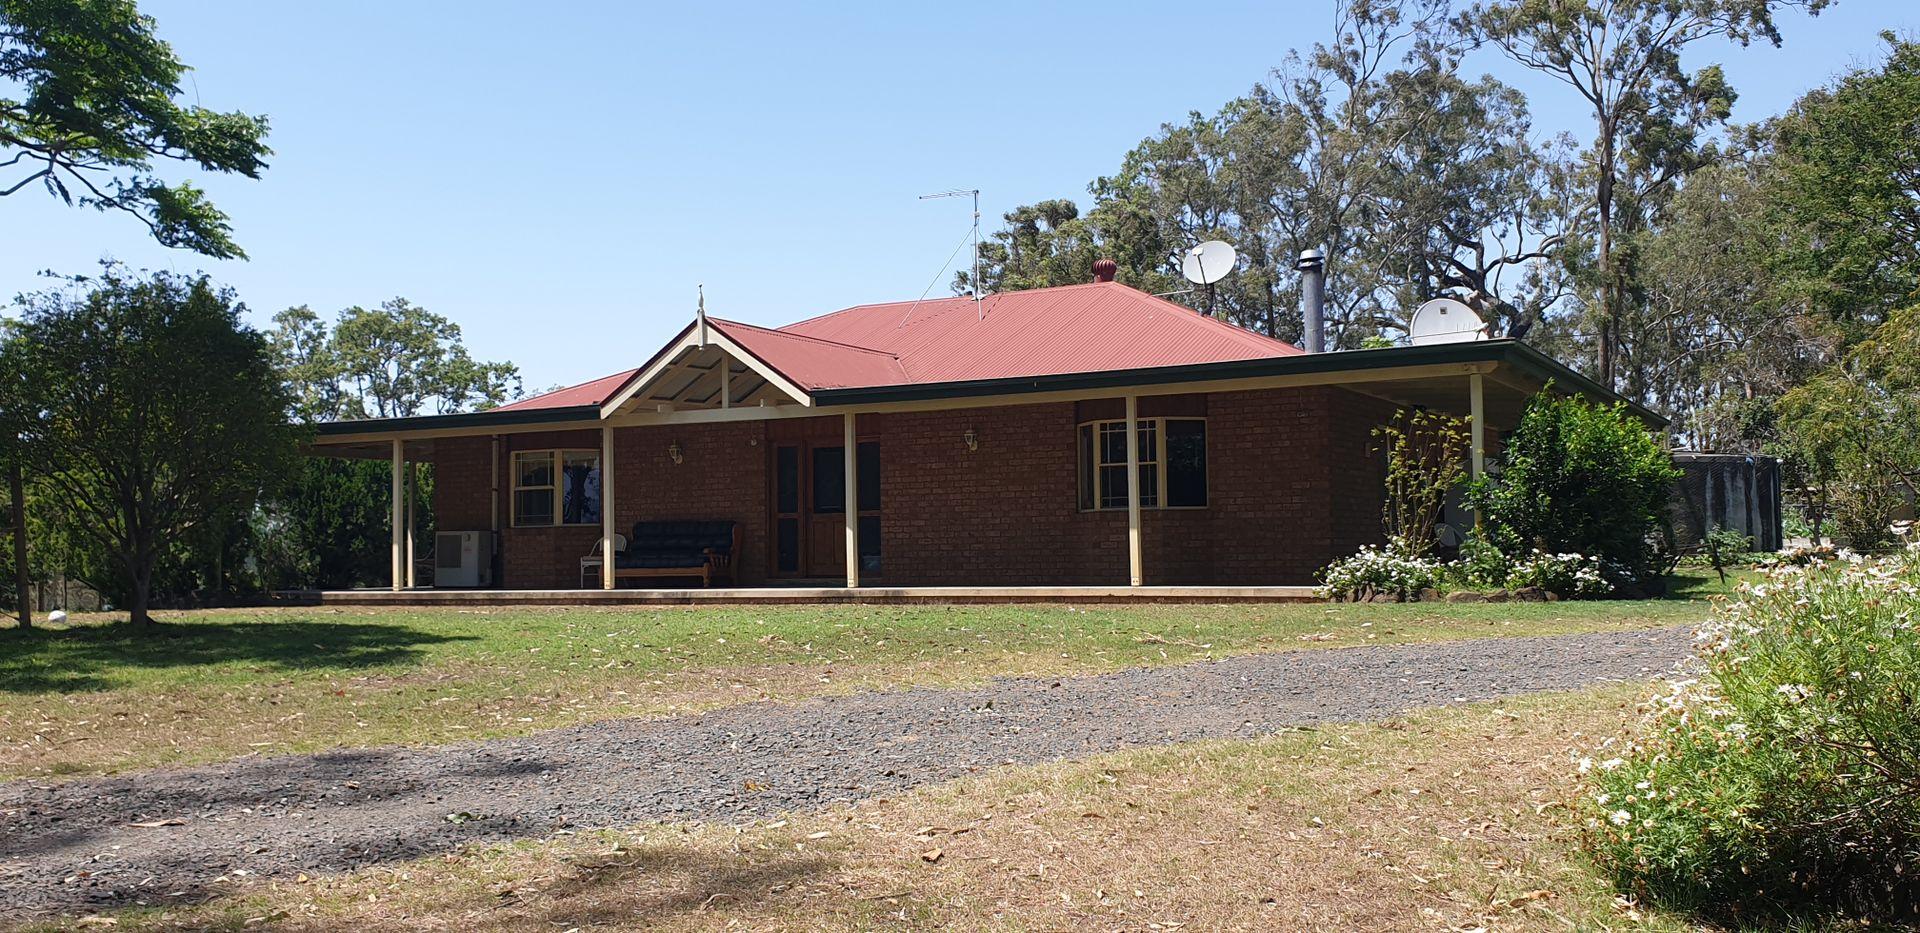 6 Saunders Road Doubtful Creek, Doubtful Creek NSW 2470, Image 0